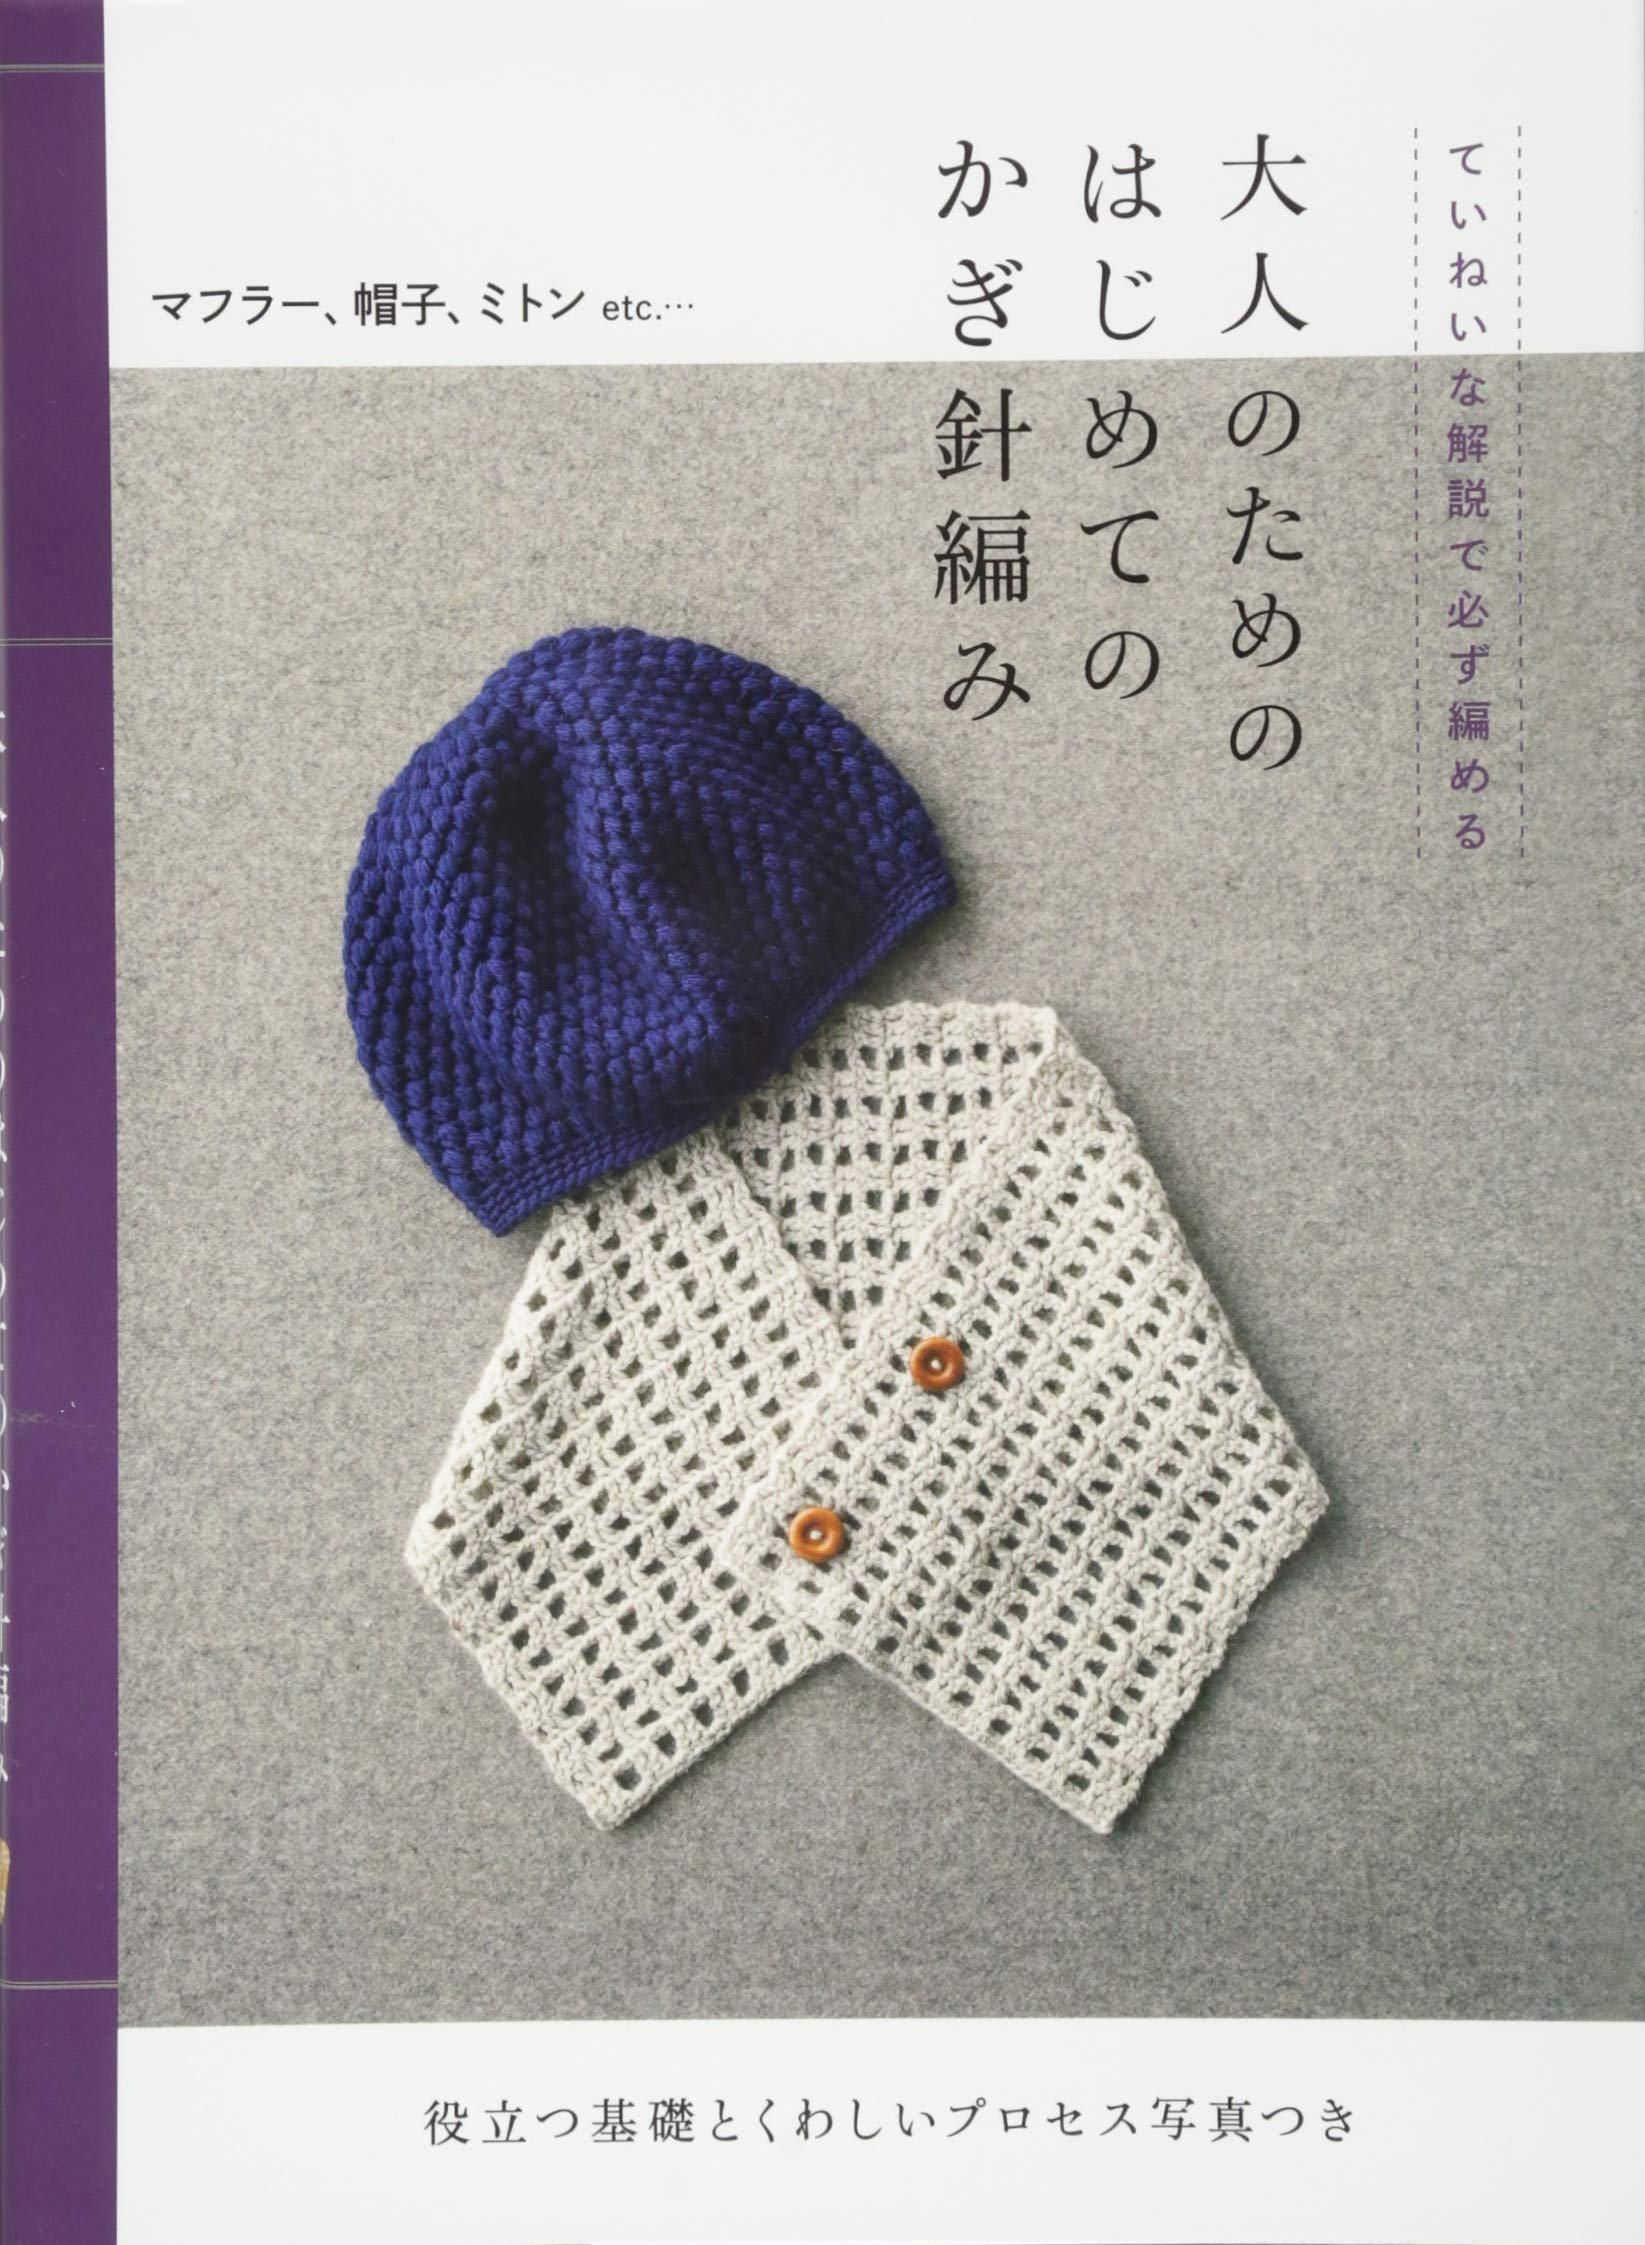 が わかる で かぎ針 帽子 編む 基礎